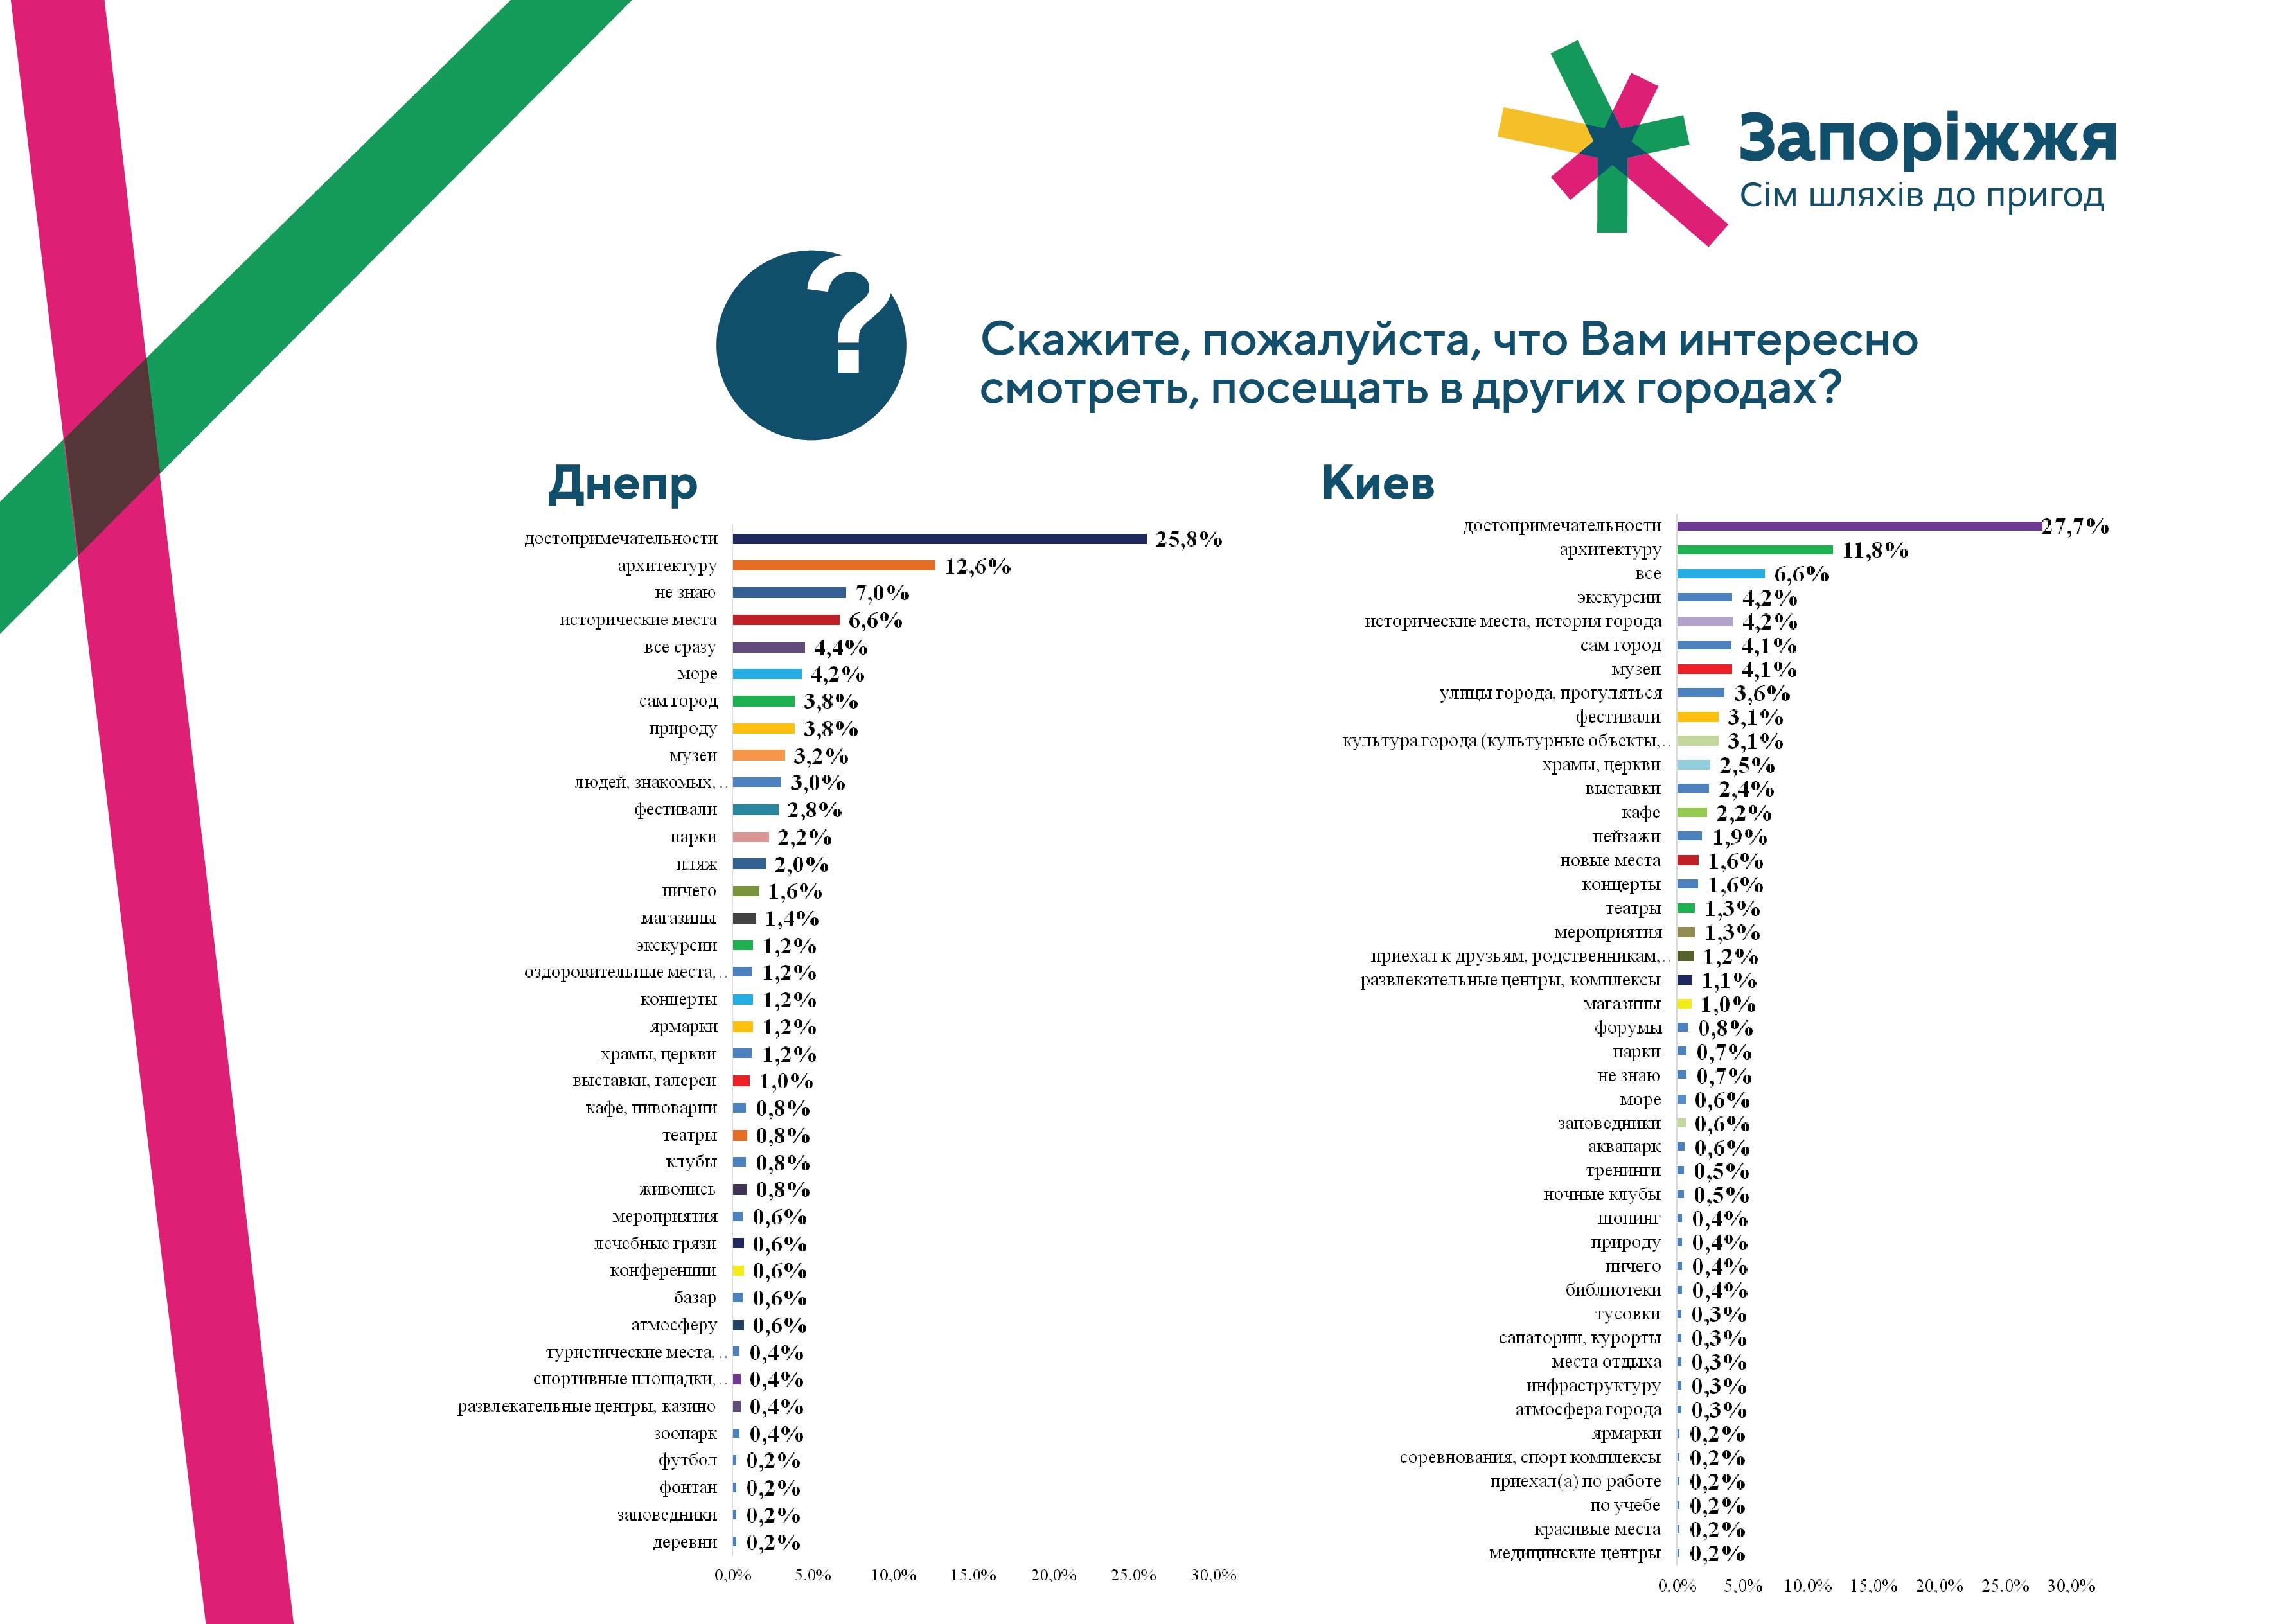 презентация-днепр-киев-08.jpg